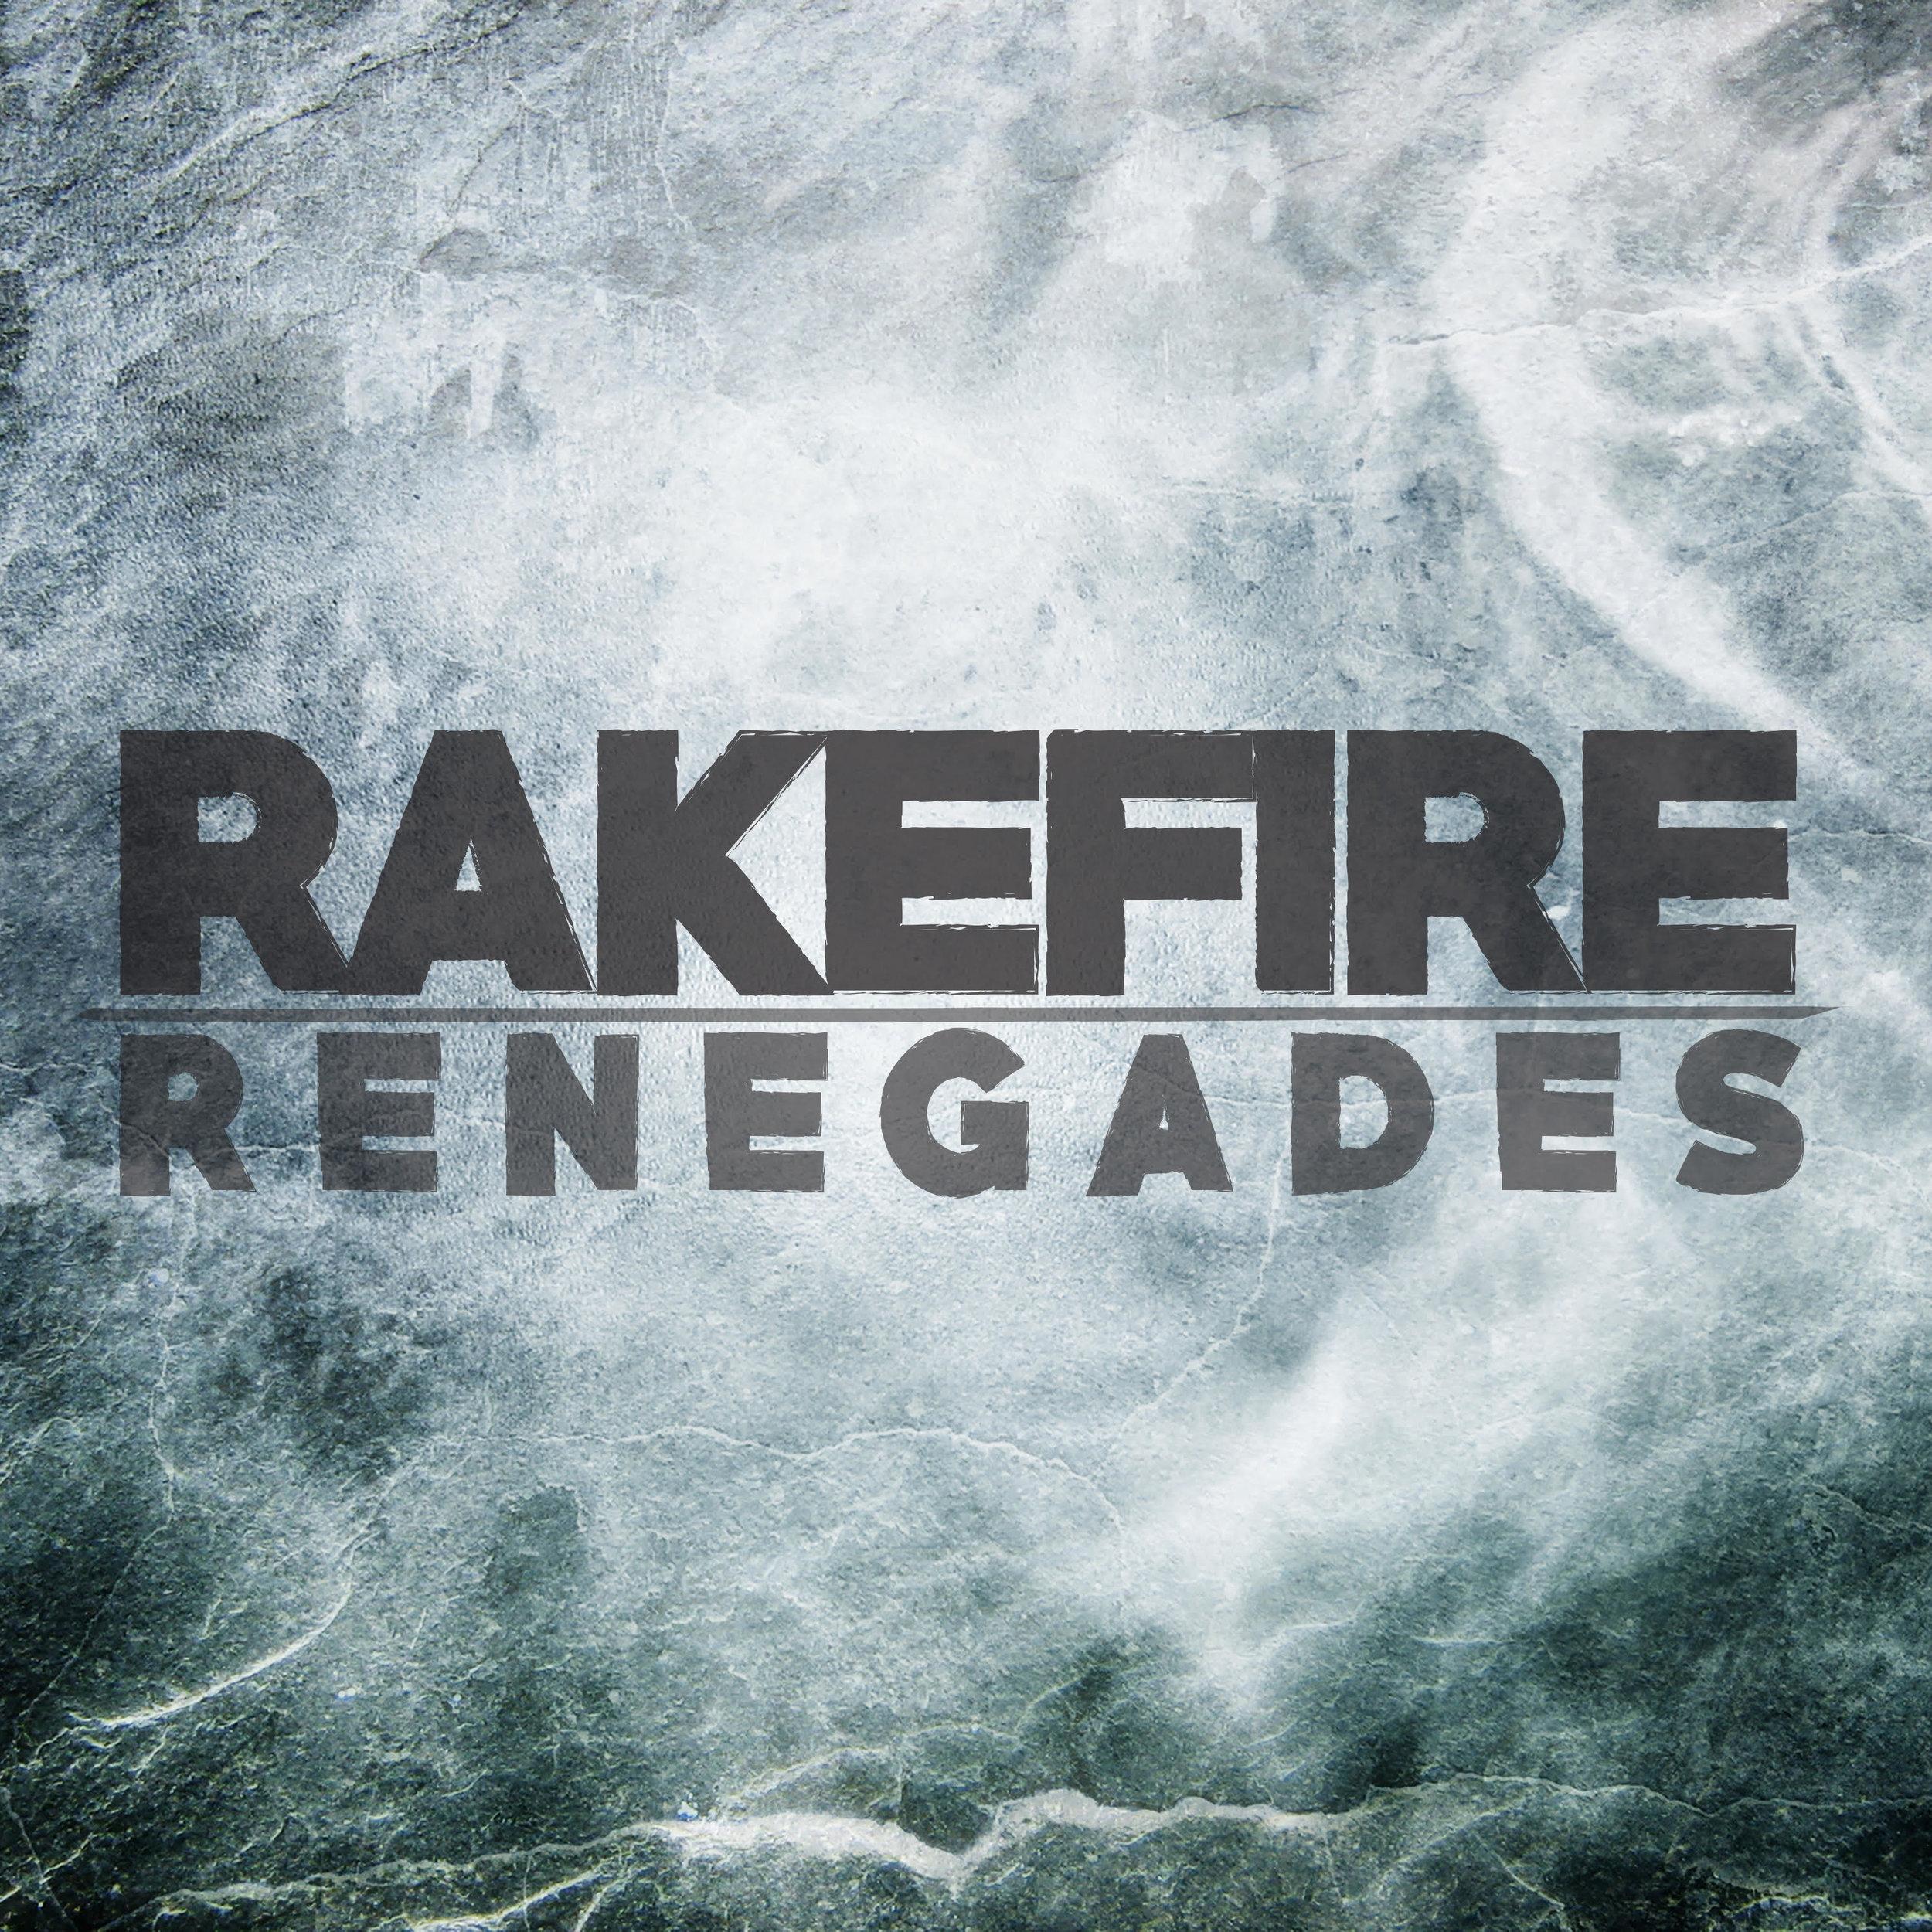 RakeFire_Renegades